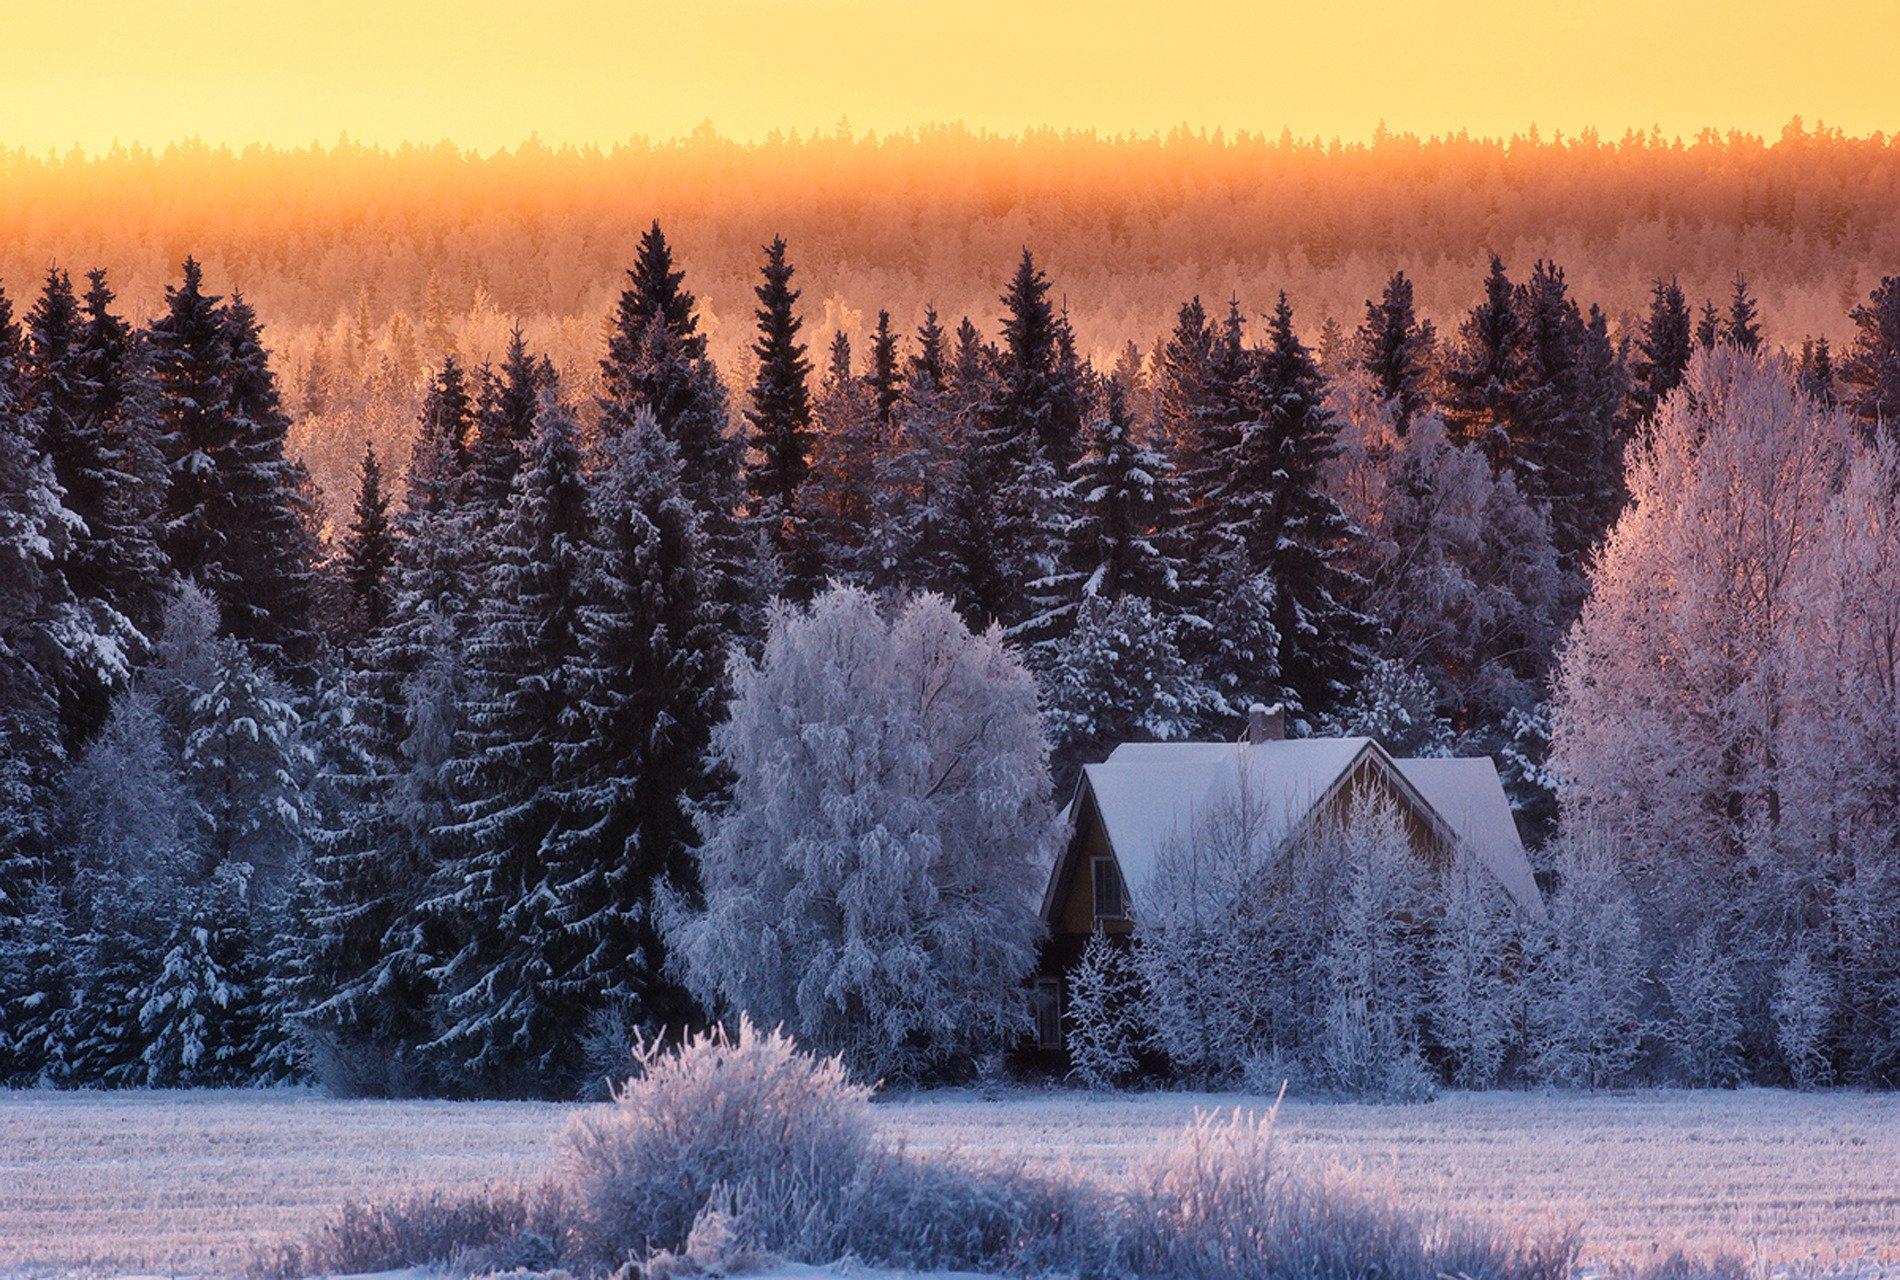 Зимний домик в лесу картинки, картинки